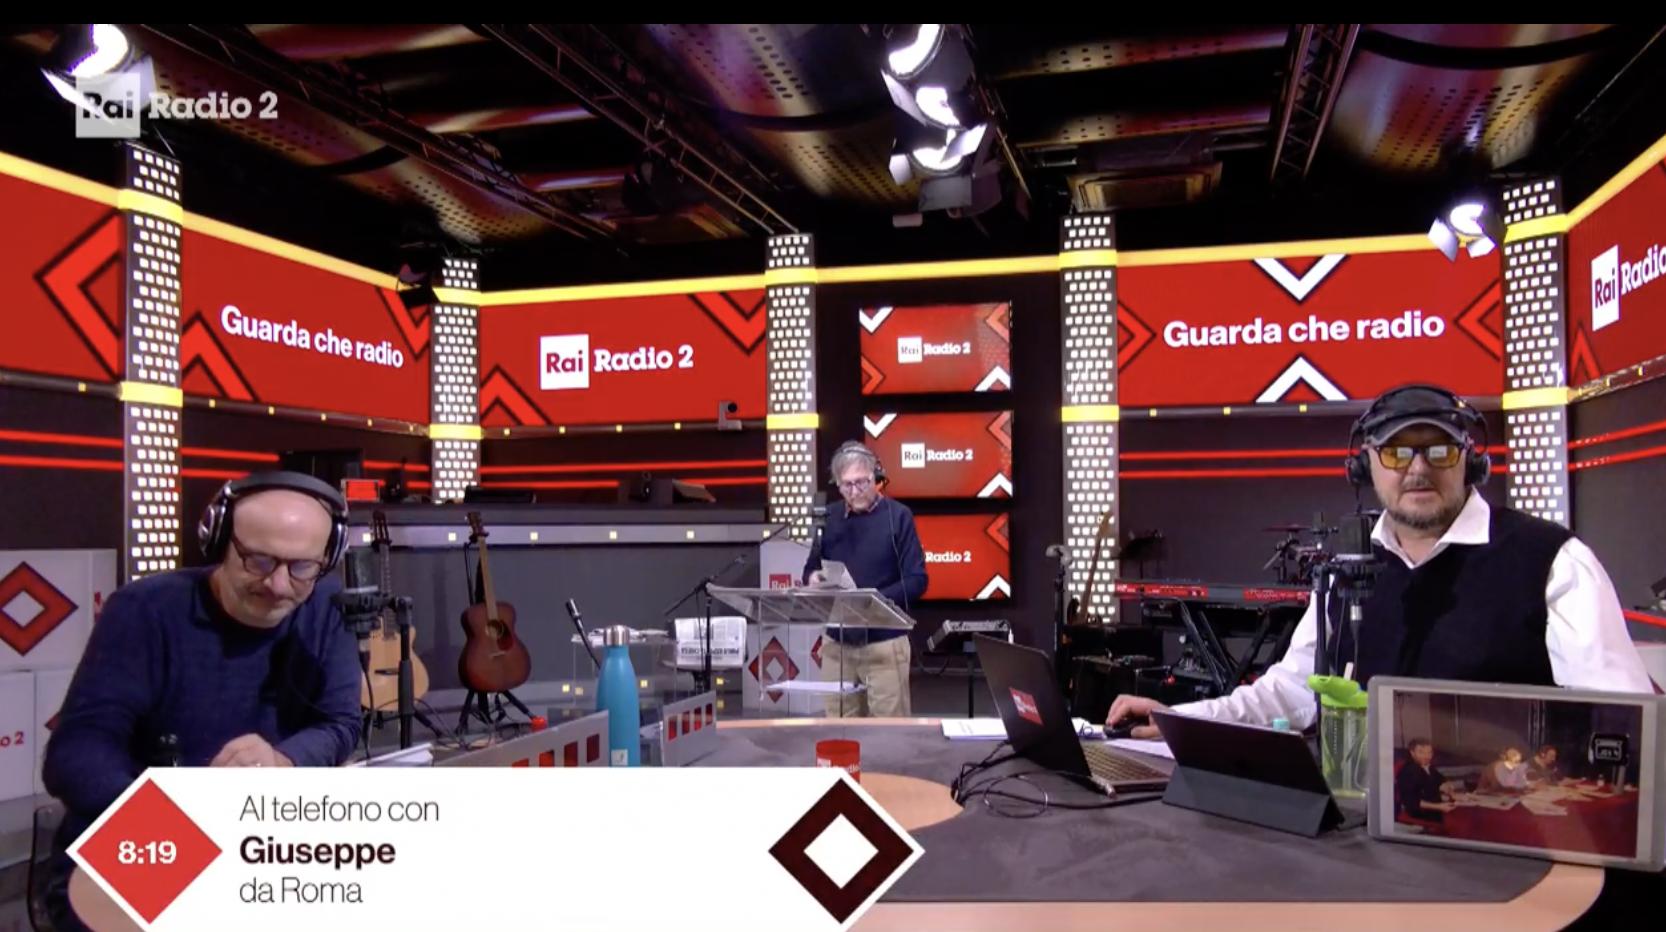 Screenshot 2021 05 05 at 18.18.39 - Radio. Sergio (RAI): pensiamo allo spegnimento della FM. Non siamo più radiofonici. Ibridazione è strada maestra